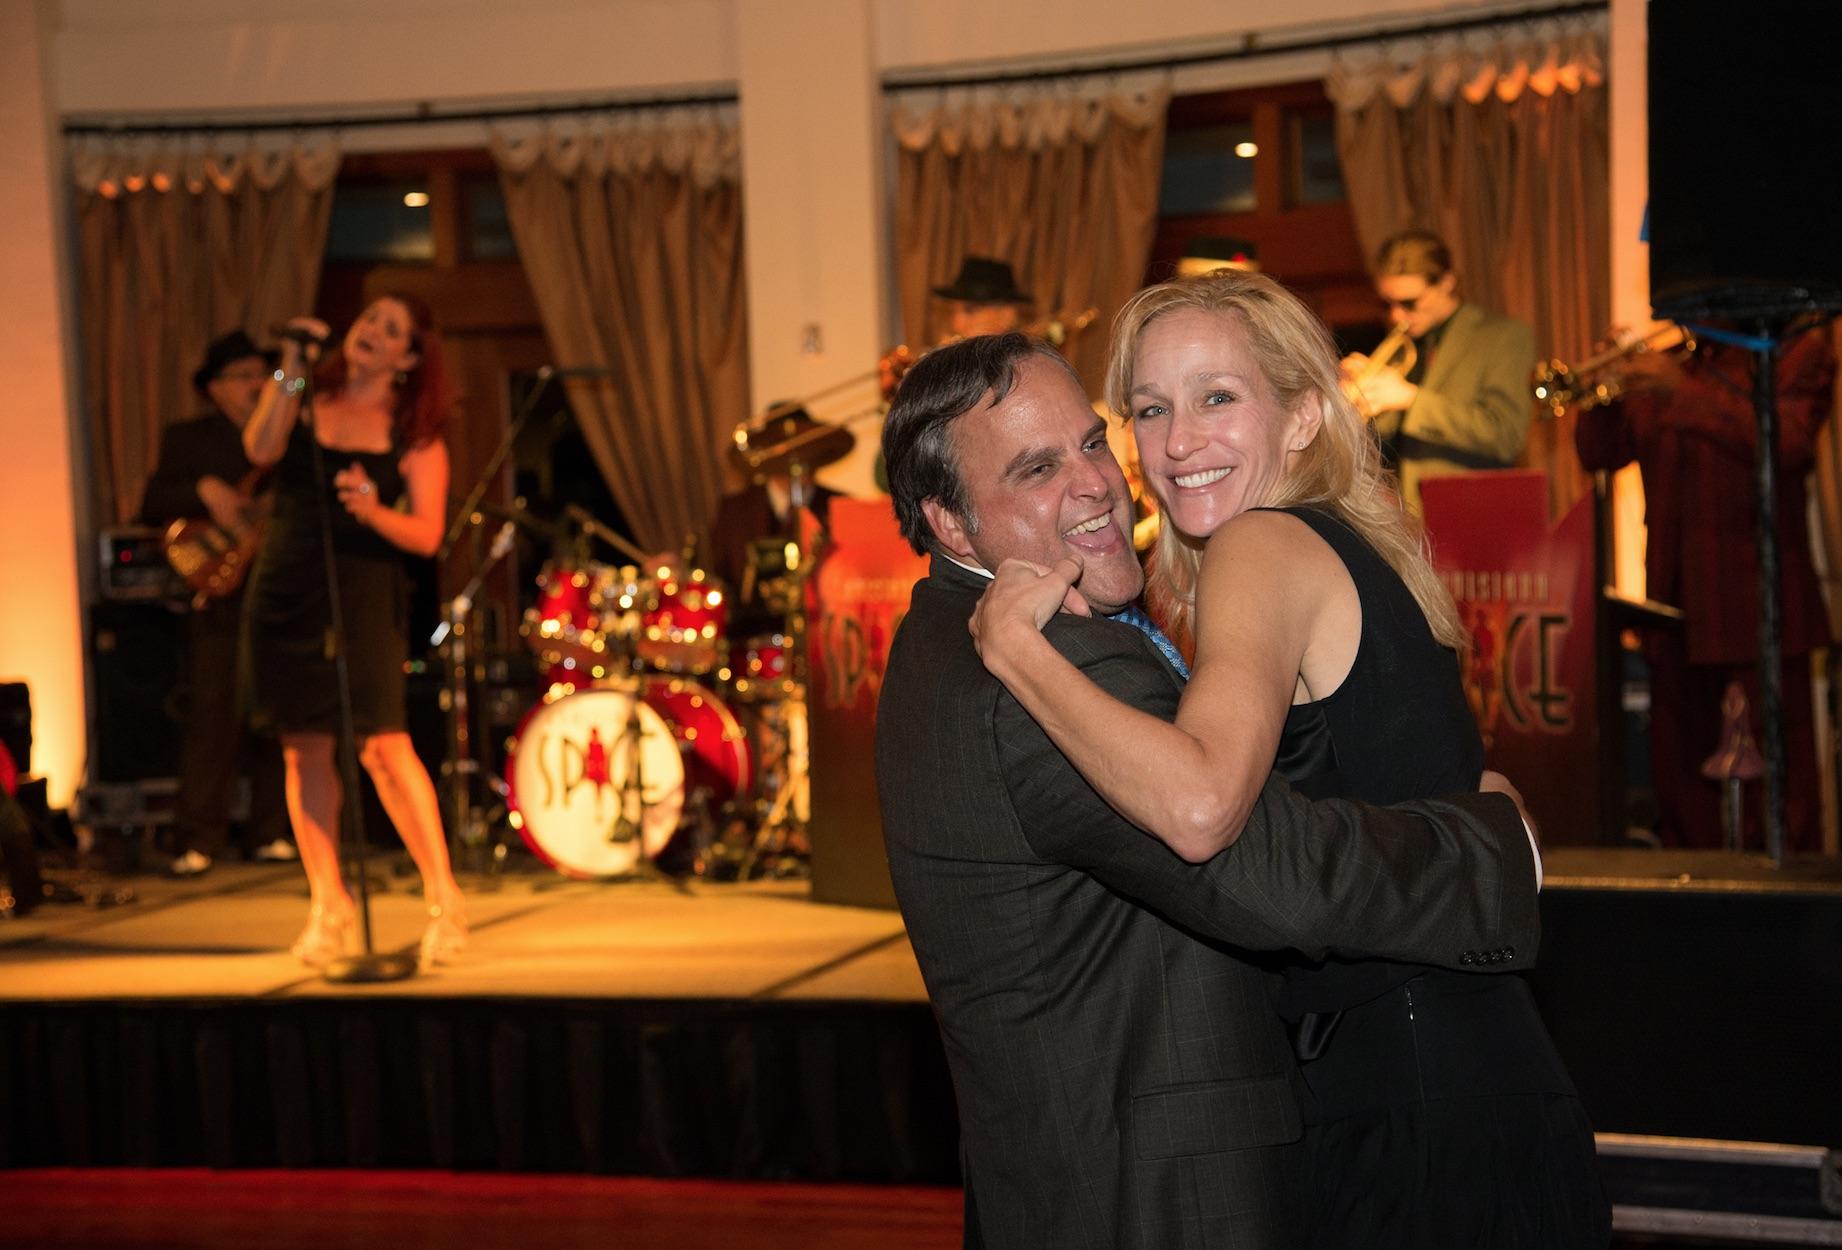 Couple_Dancing_2014.jpg